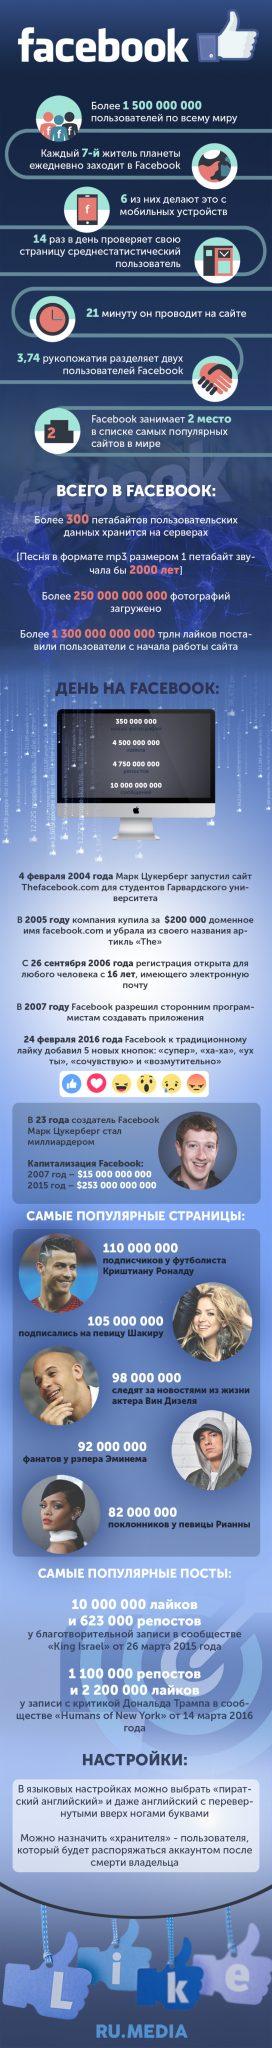 Что мы знаем о Фейсбук